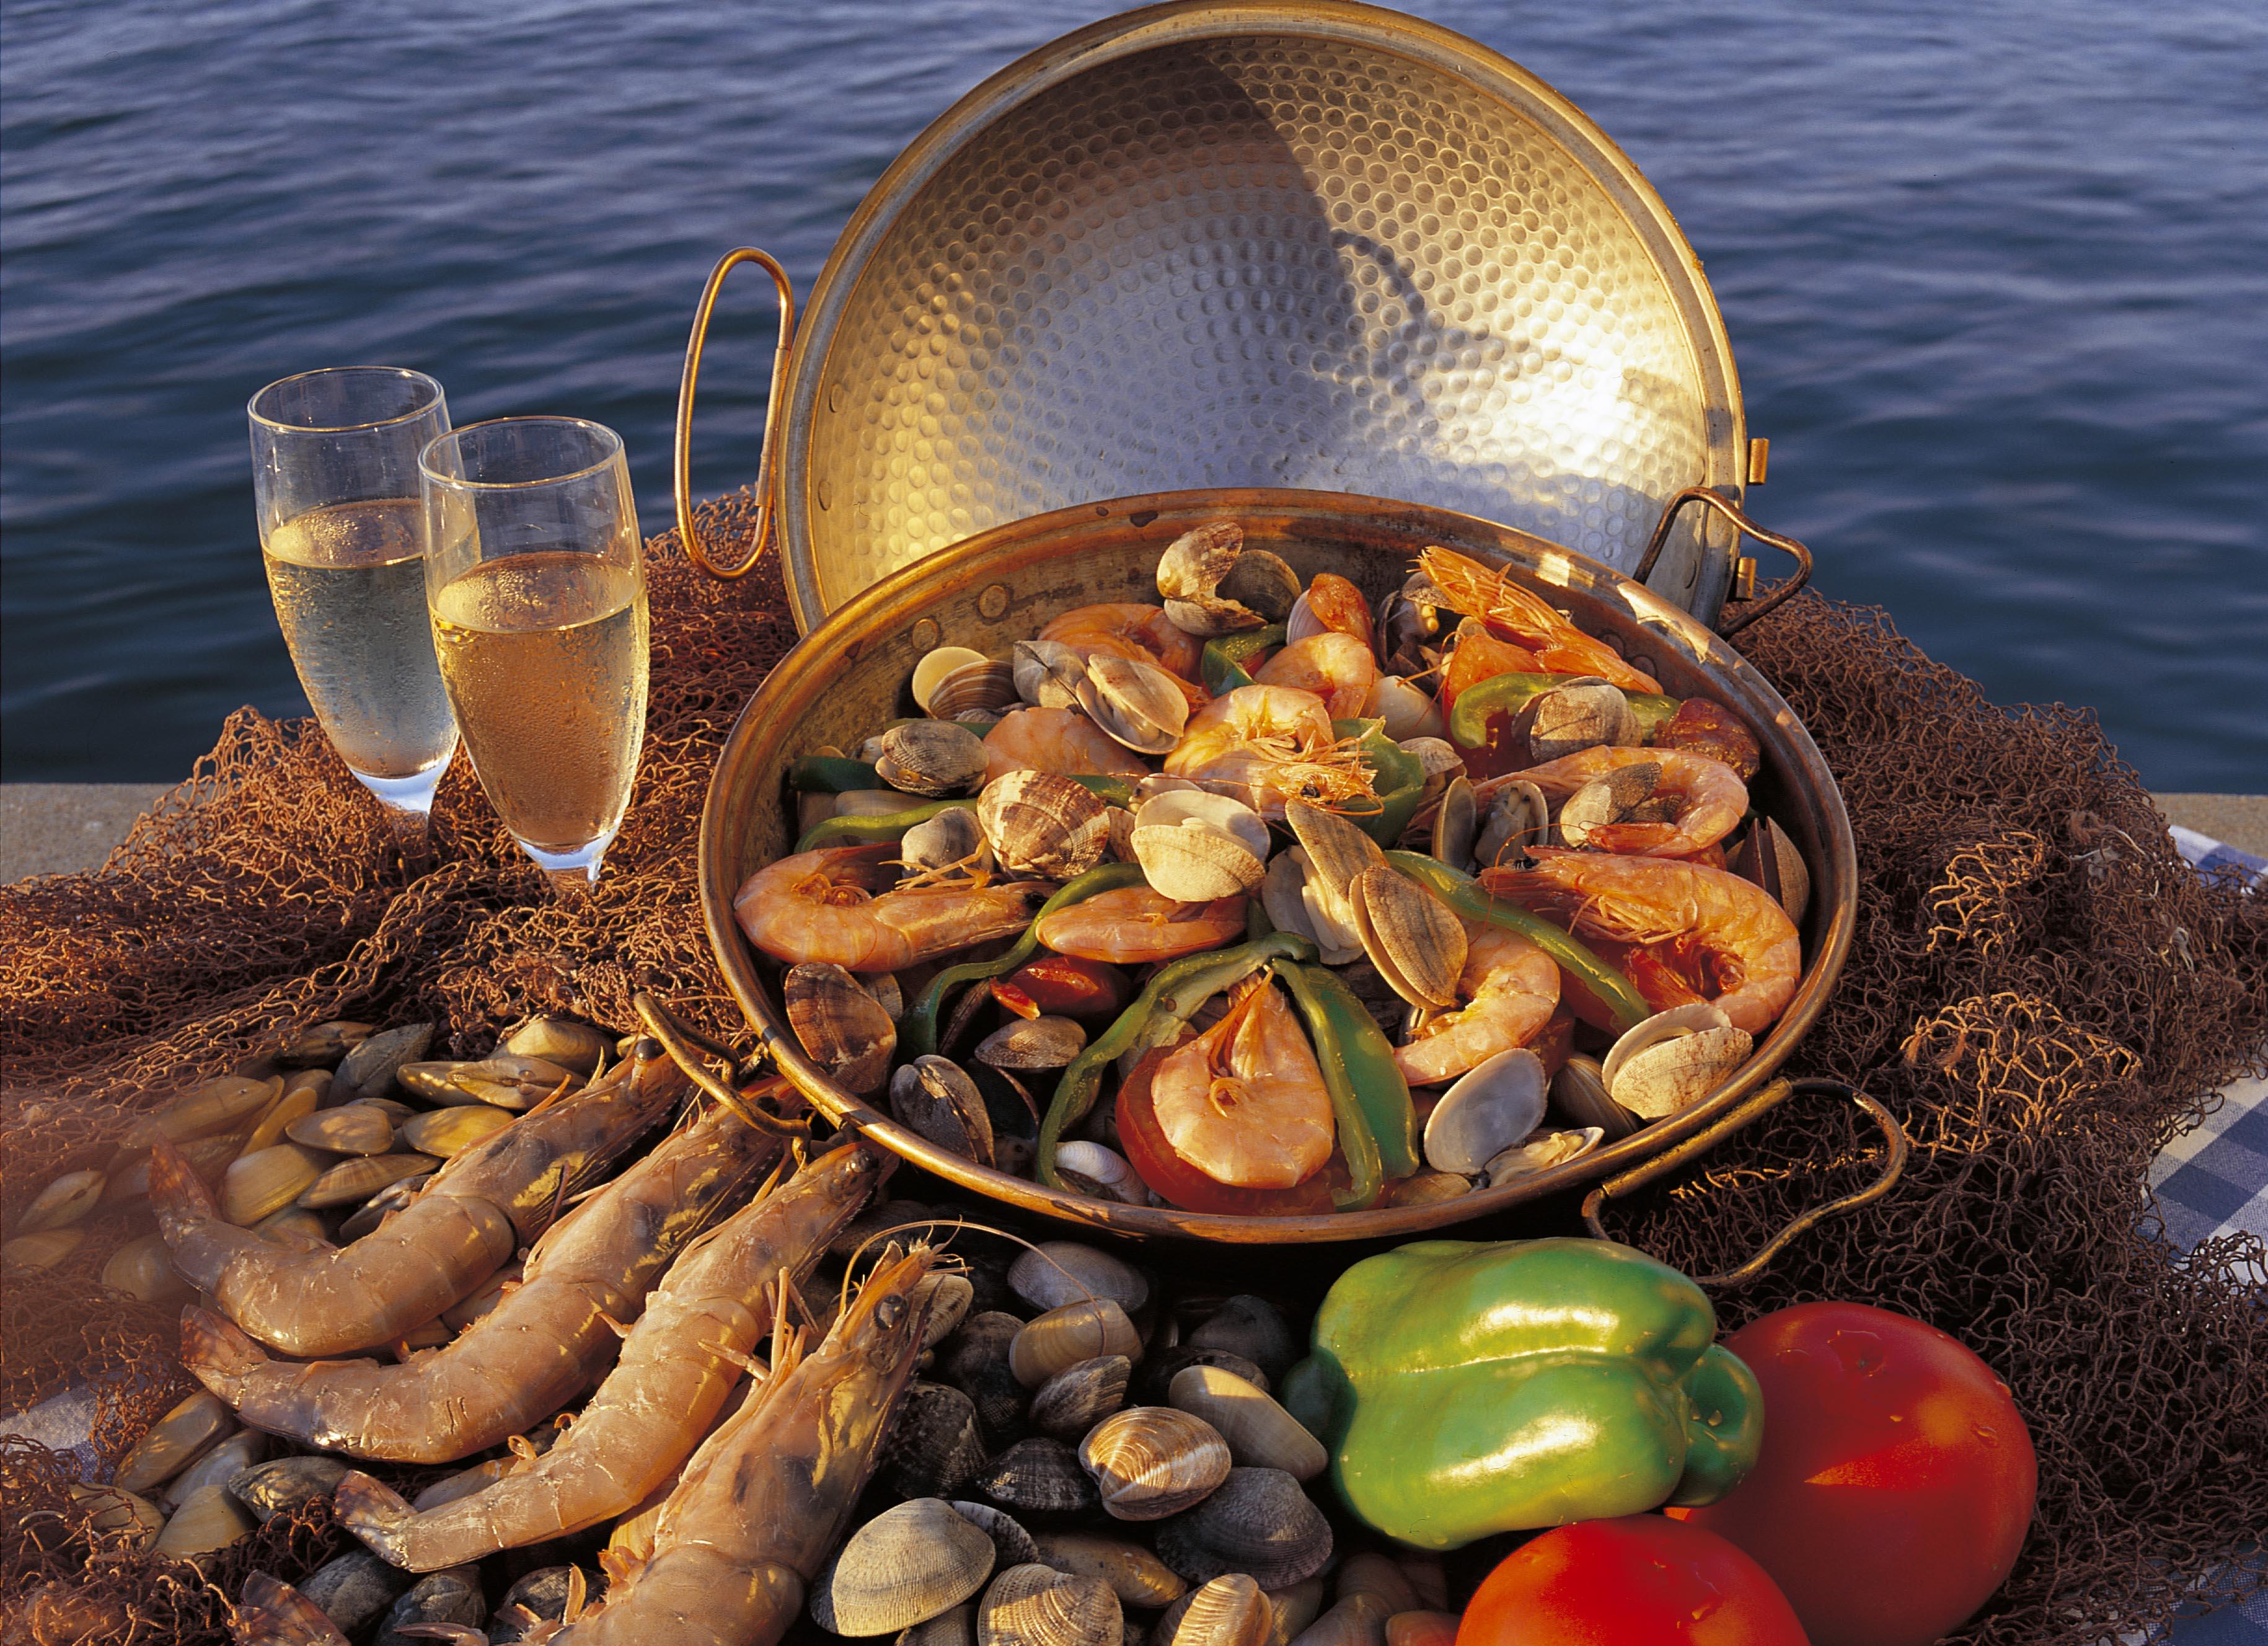 Lizbona Gdzie Jeść w Lizbonie Polecane restauracje z kuchnią portugalską w Lizbonie Lisbonie Lisboa Lisbon TOP najlepsze restauracje kuchnia portugalska jedzenie